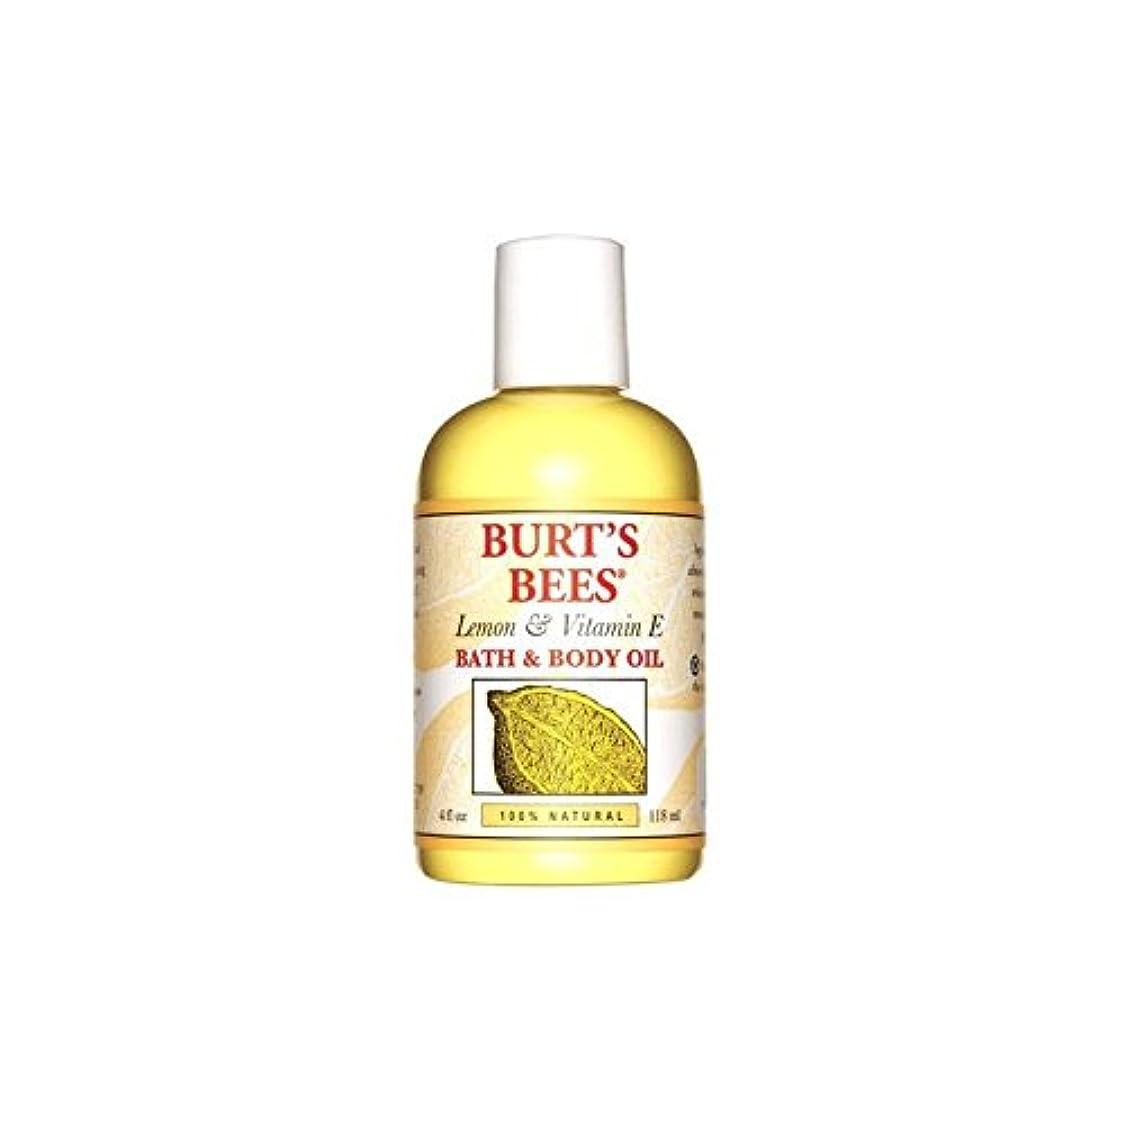 折り目切断する警告バーツビーレモン&ビタミンバス&ボディオイル(4オンス/ 118ミリリットル) x2 - Burt's Bees Lemon & Vitamin E Bath & Body Oil (4 fl oz / 118ml) (Pack of 2) [並行輸入品]